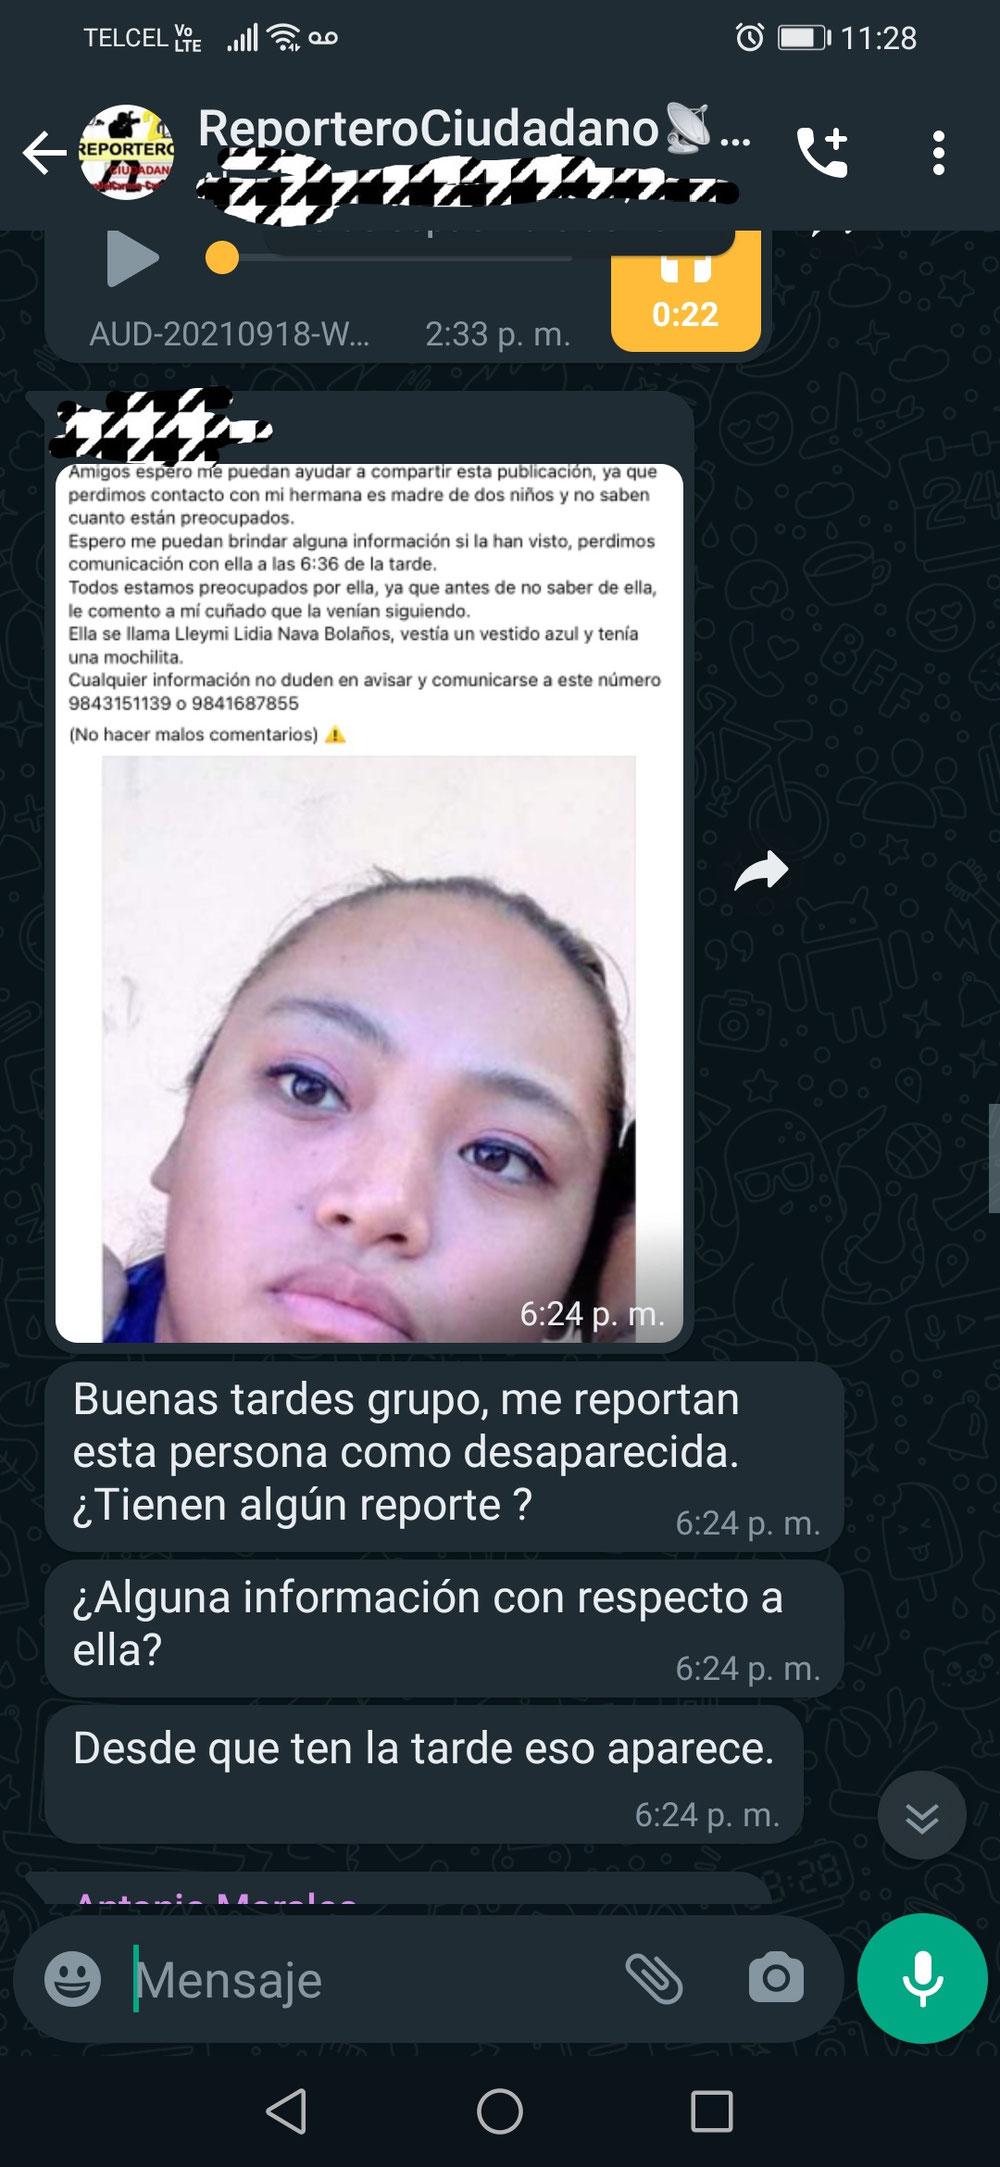 En el grupo de WhatsApp de este medio de comunicación fue comunicado secuestro.